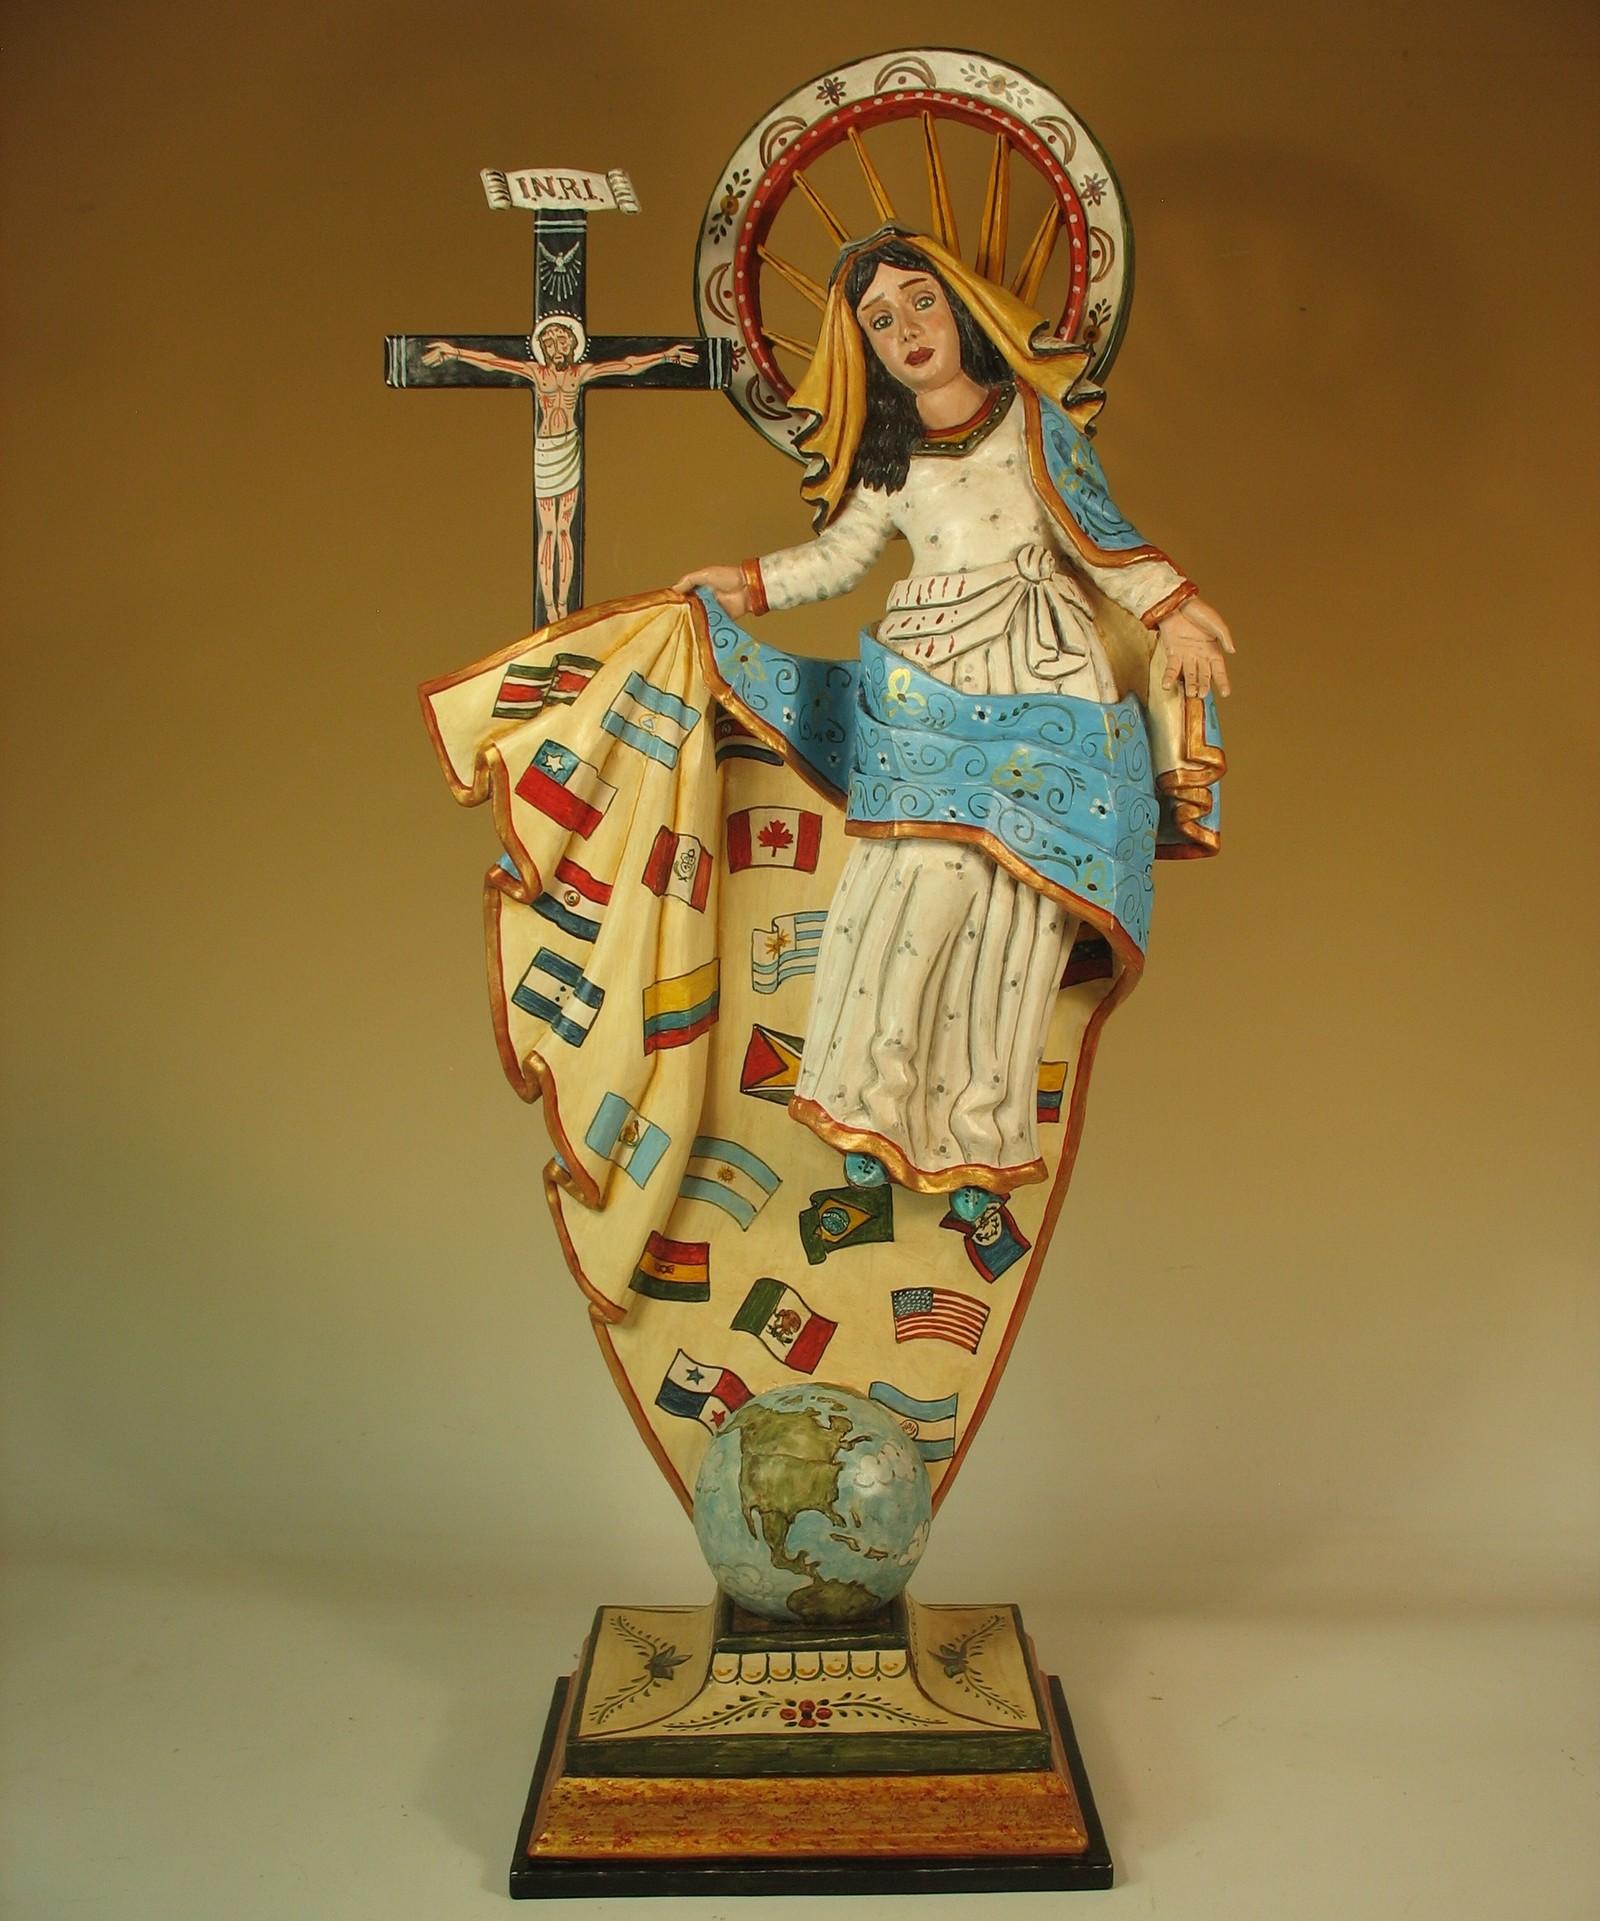 Gran Aparición Aprobada: La Señora de Todos los Pueblos, Holanda (31 de mayo)